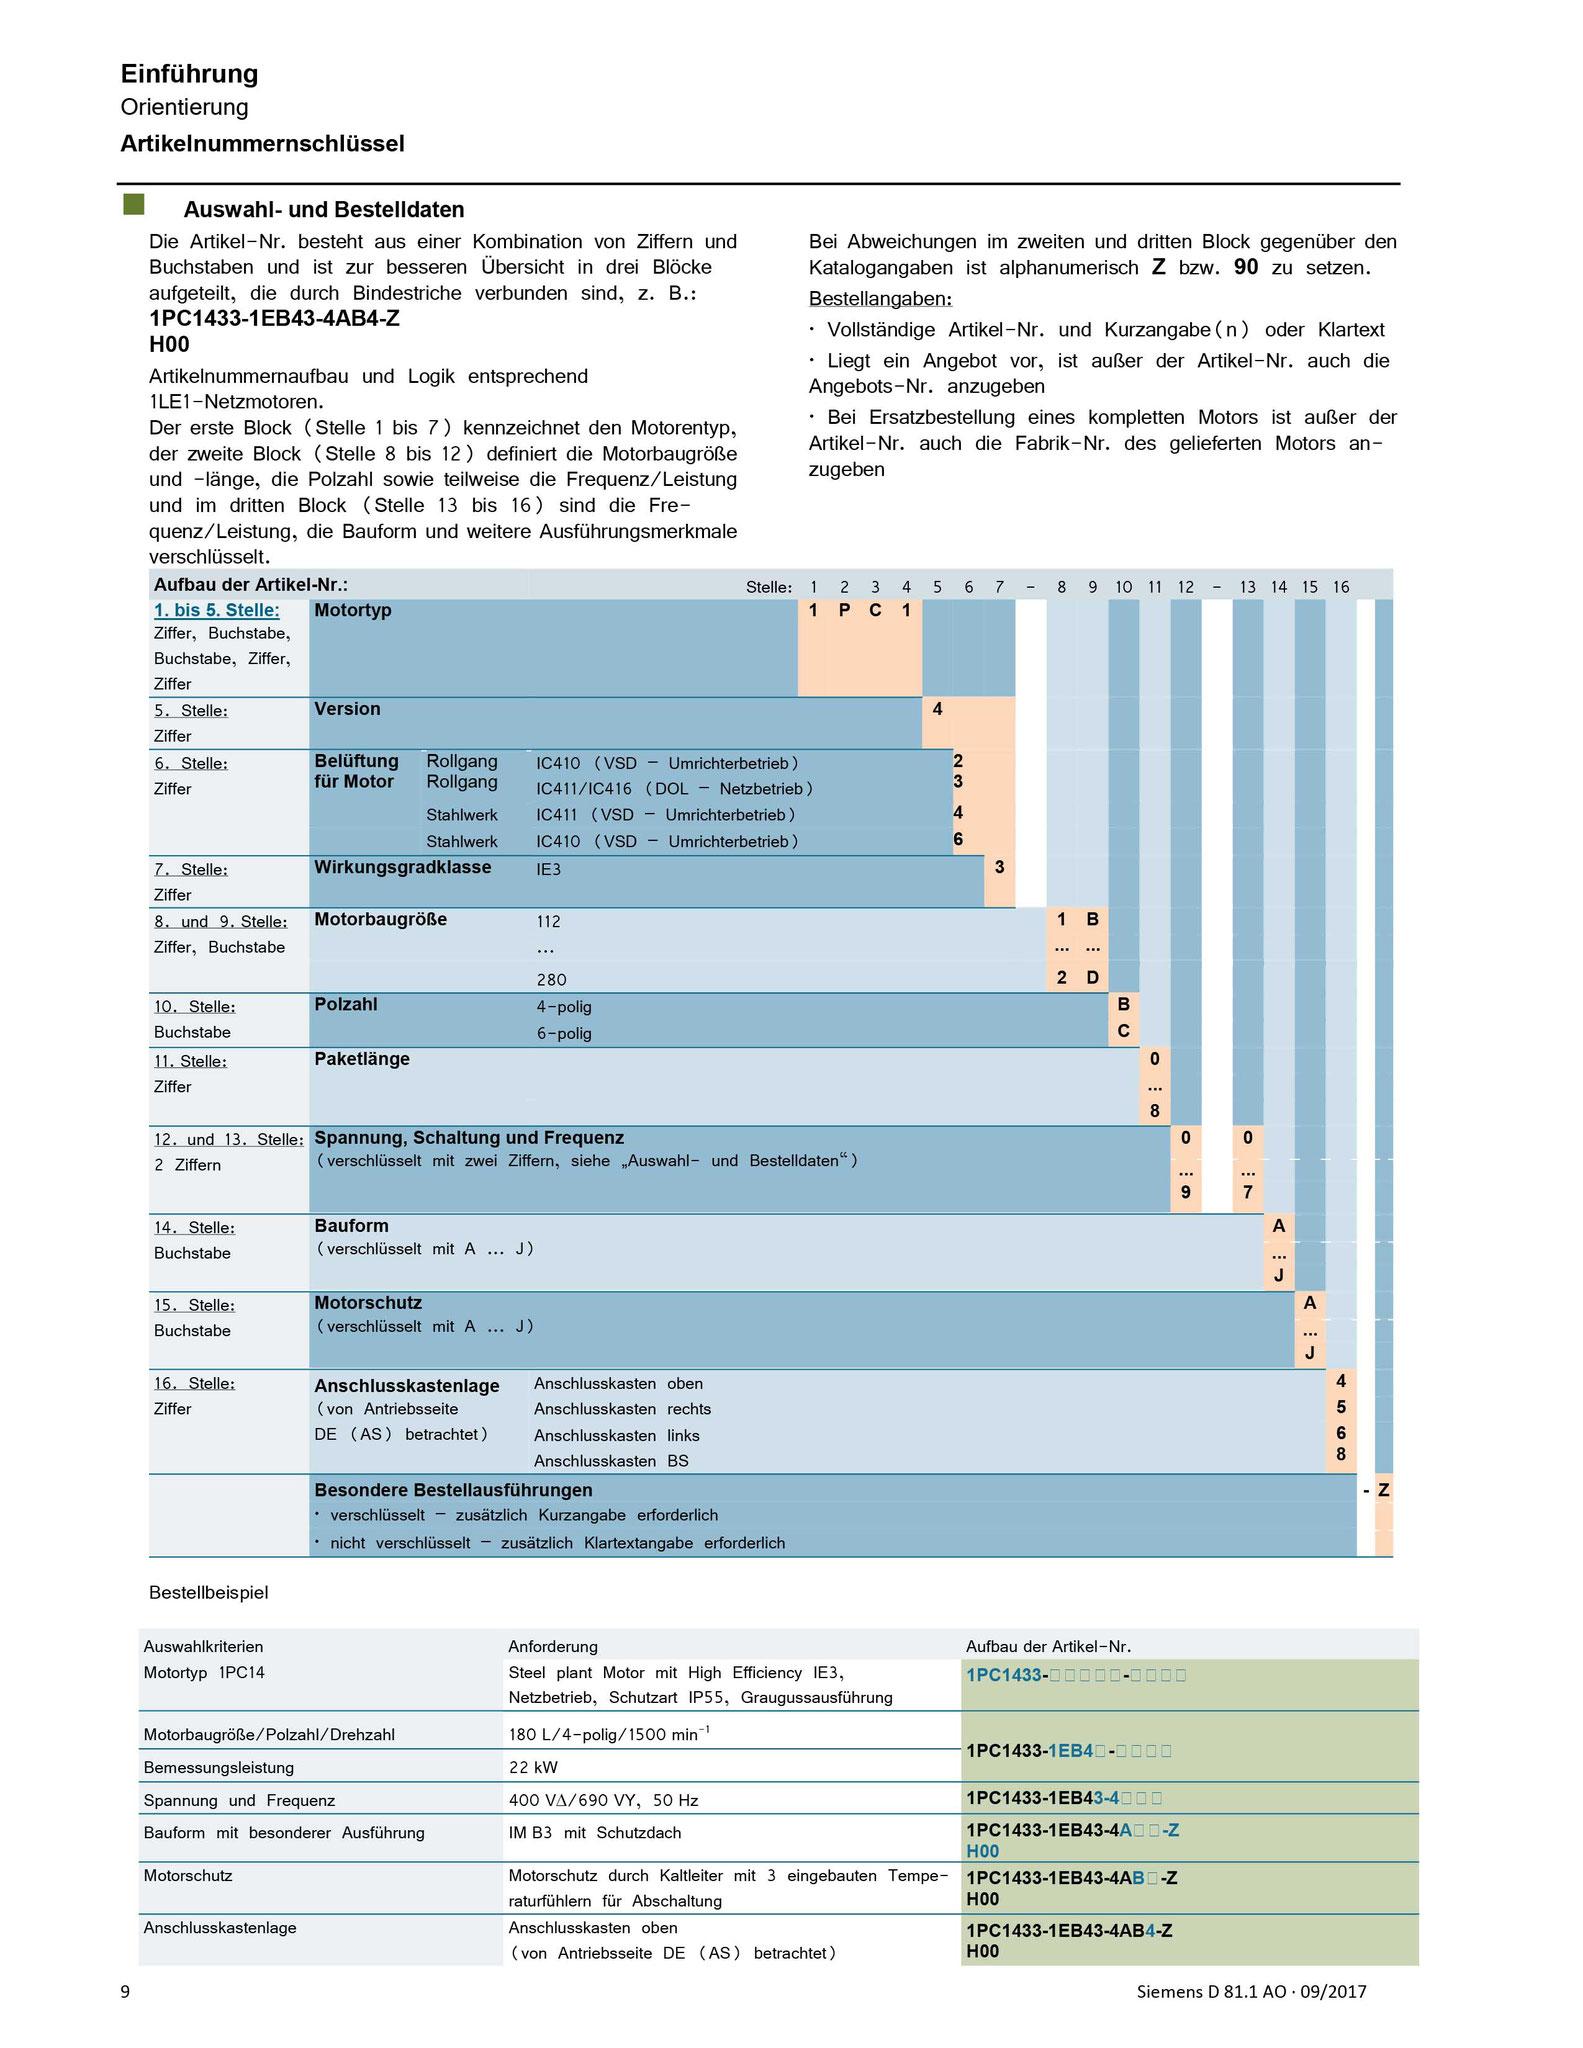 Siemens Katalog (SIMOTICS DP branchenspezifisch): Artikelnummernschlüssel  Übersicht © Siemens AG 2020, Alle Rechte vorbehalten